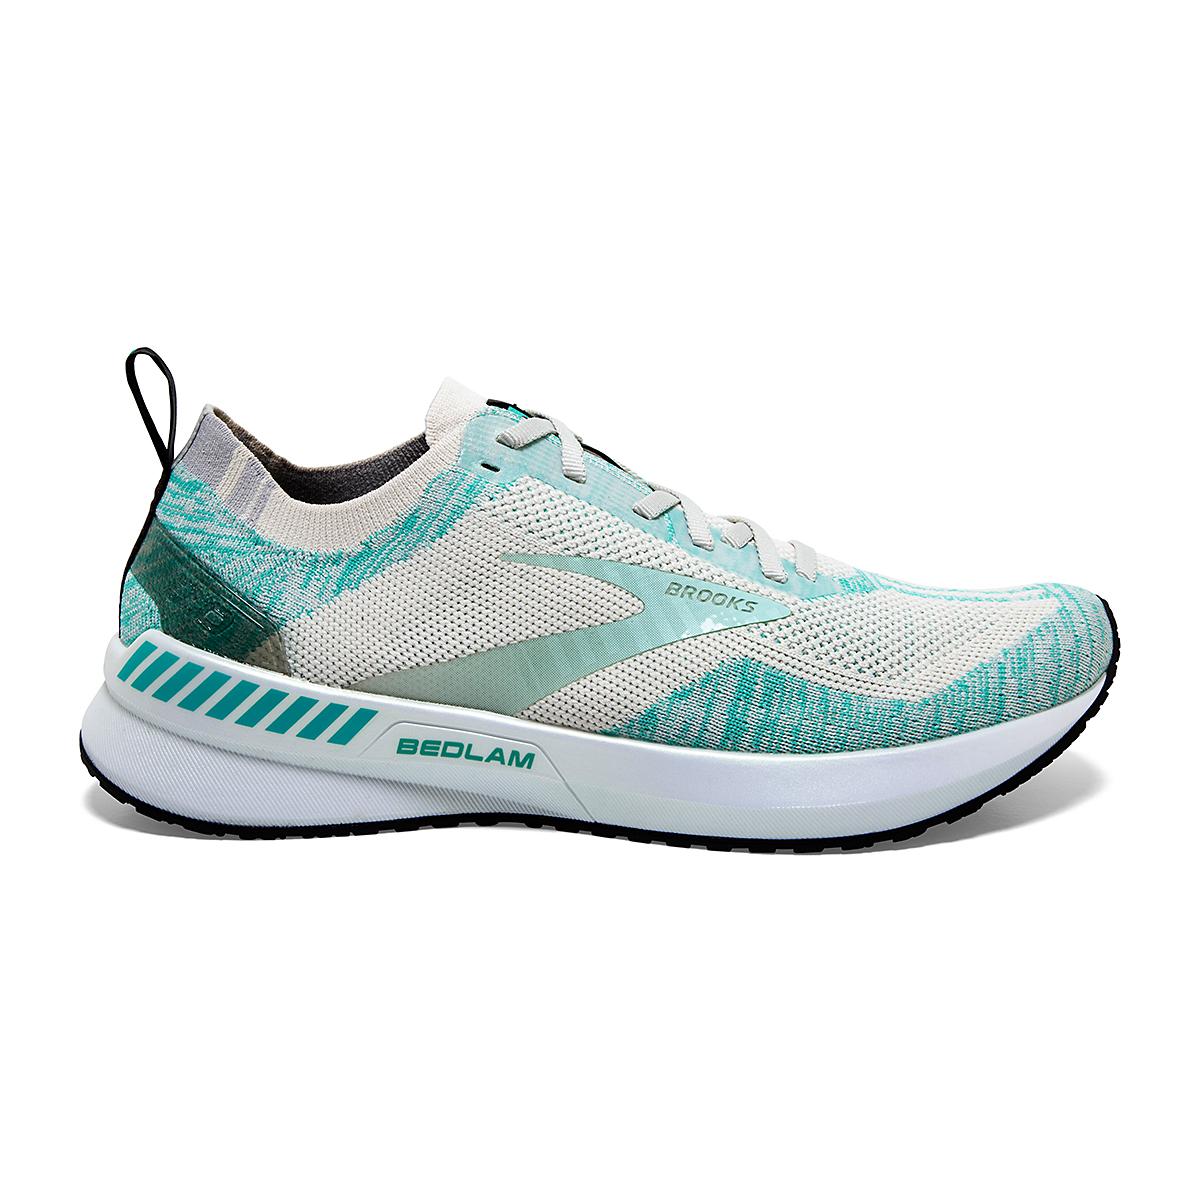 Women's Brooks Bedlam 3 Running Shoe - Color: Jet Stream/Atlantis/Antarctica - Size: 5 - Width: Regular, Jet Stream/Atlantis/Antarctica, large, image 1